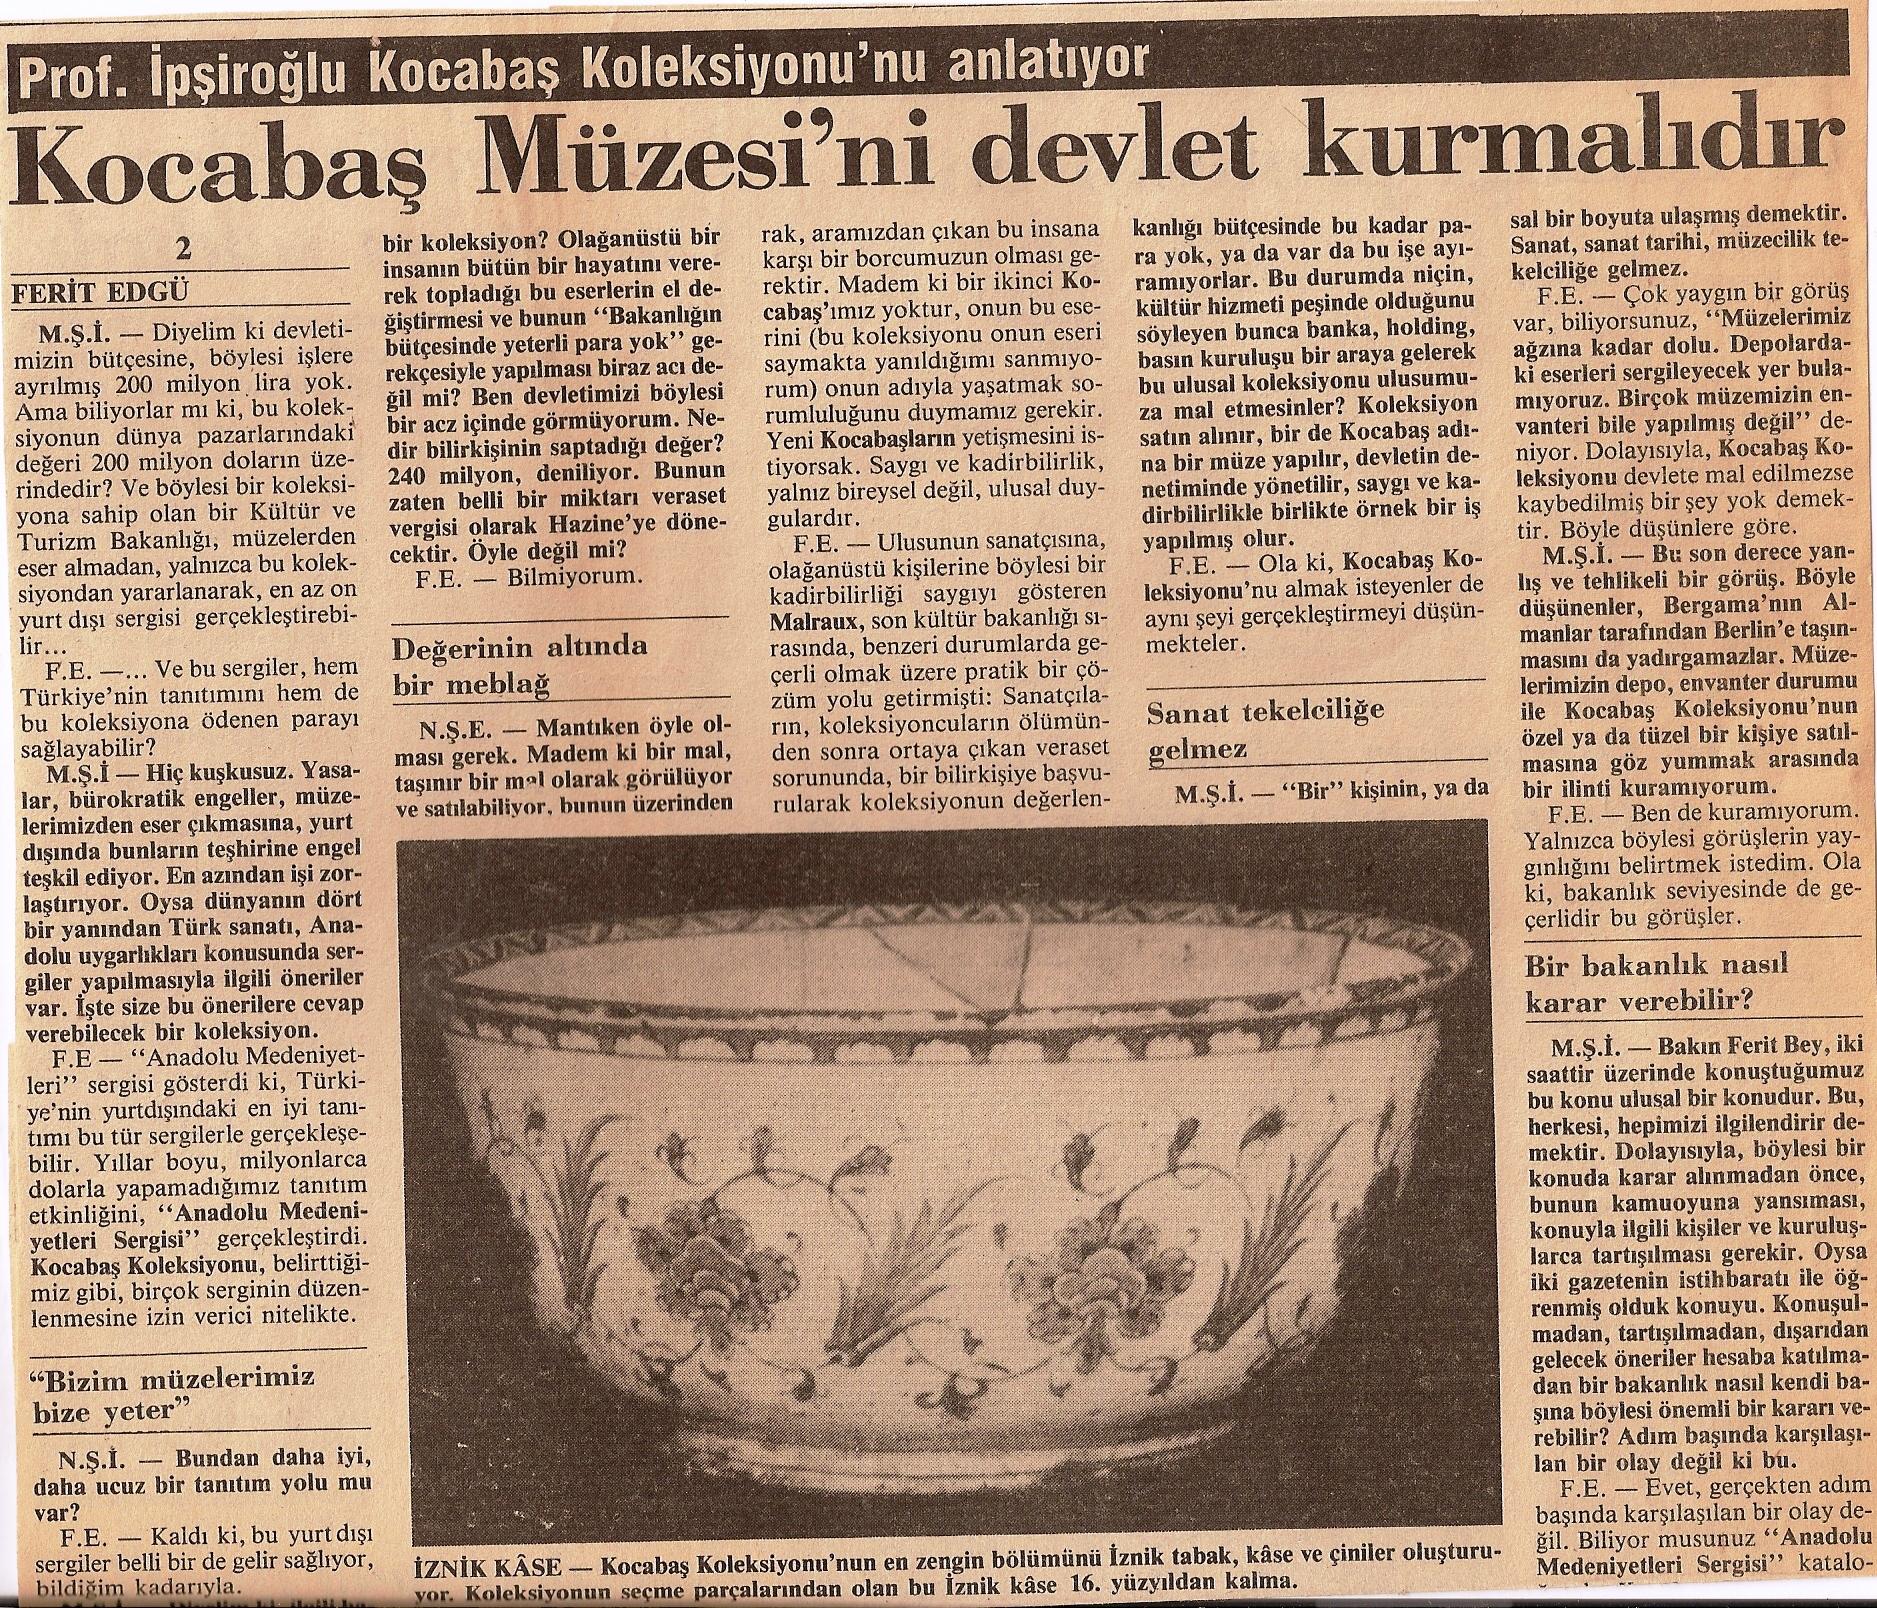 HUSEYIN KOCABAS (26)